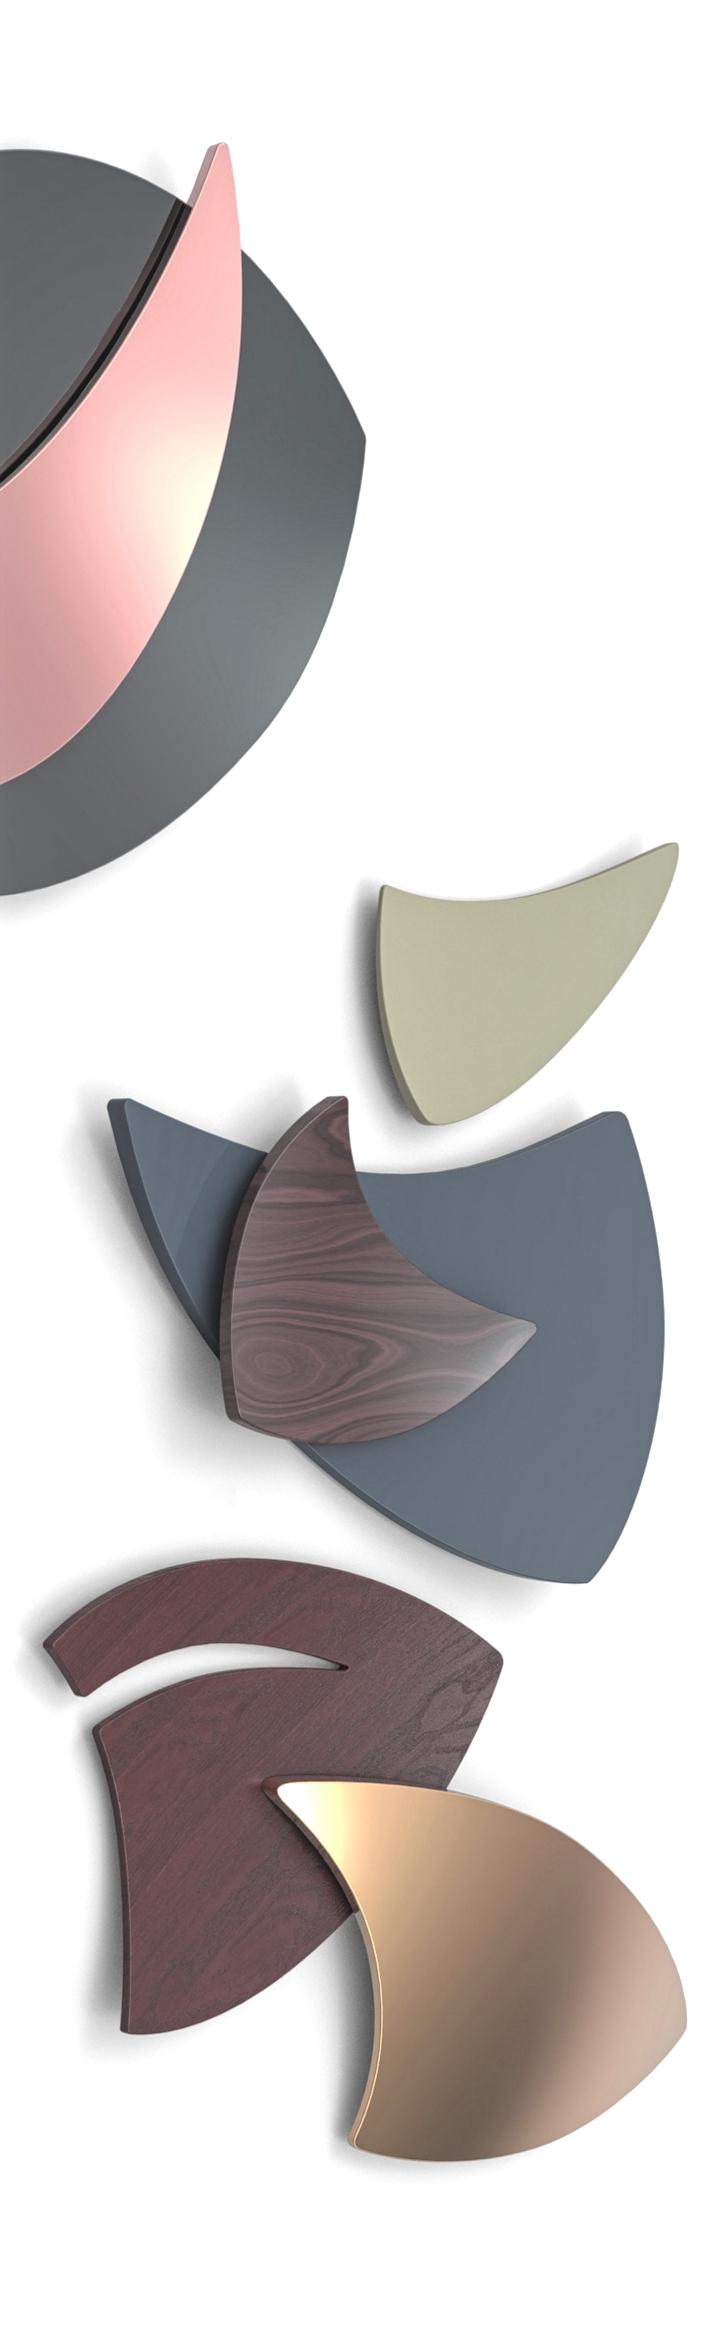 Designer VELA7 3D Lelieur jeweler designer